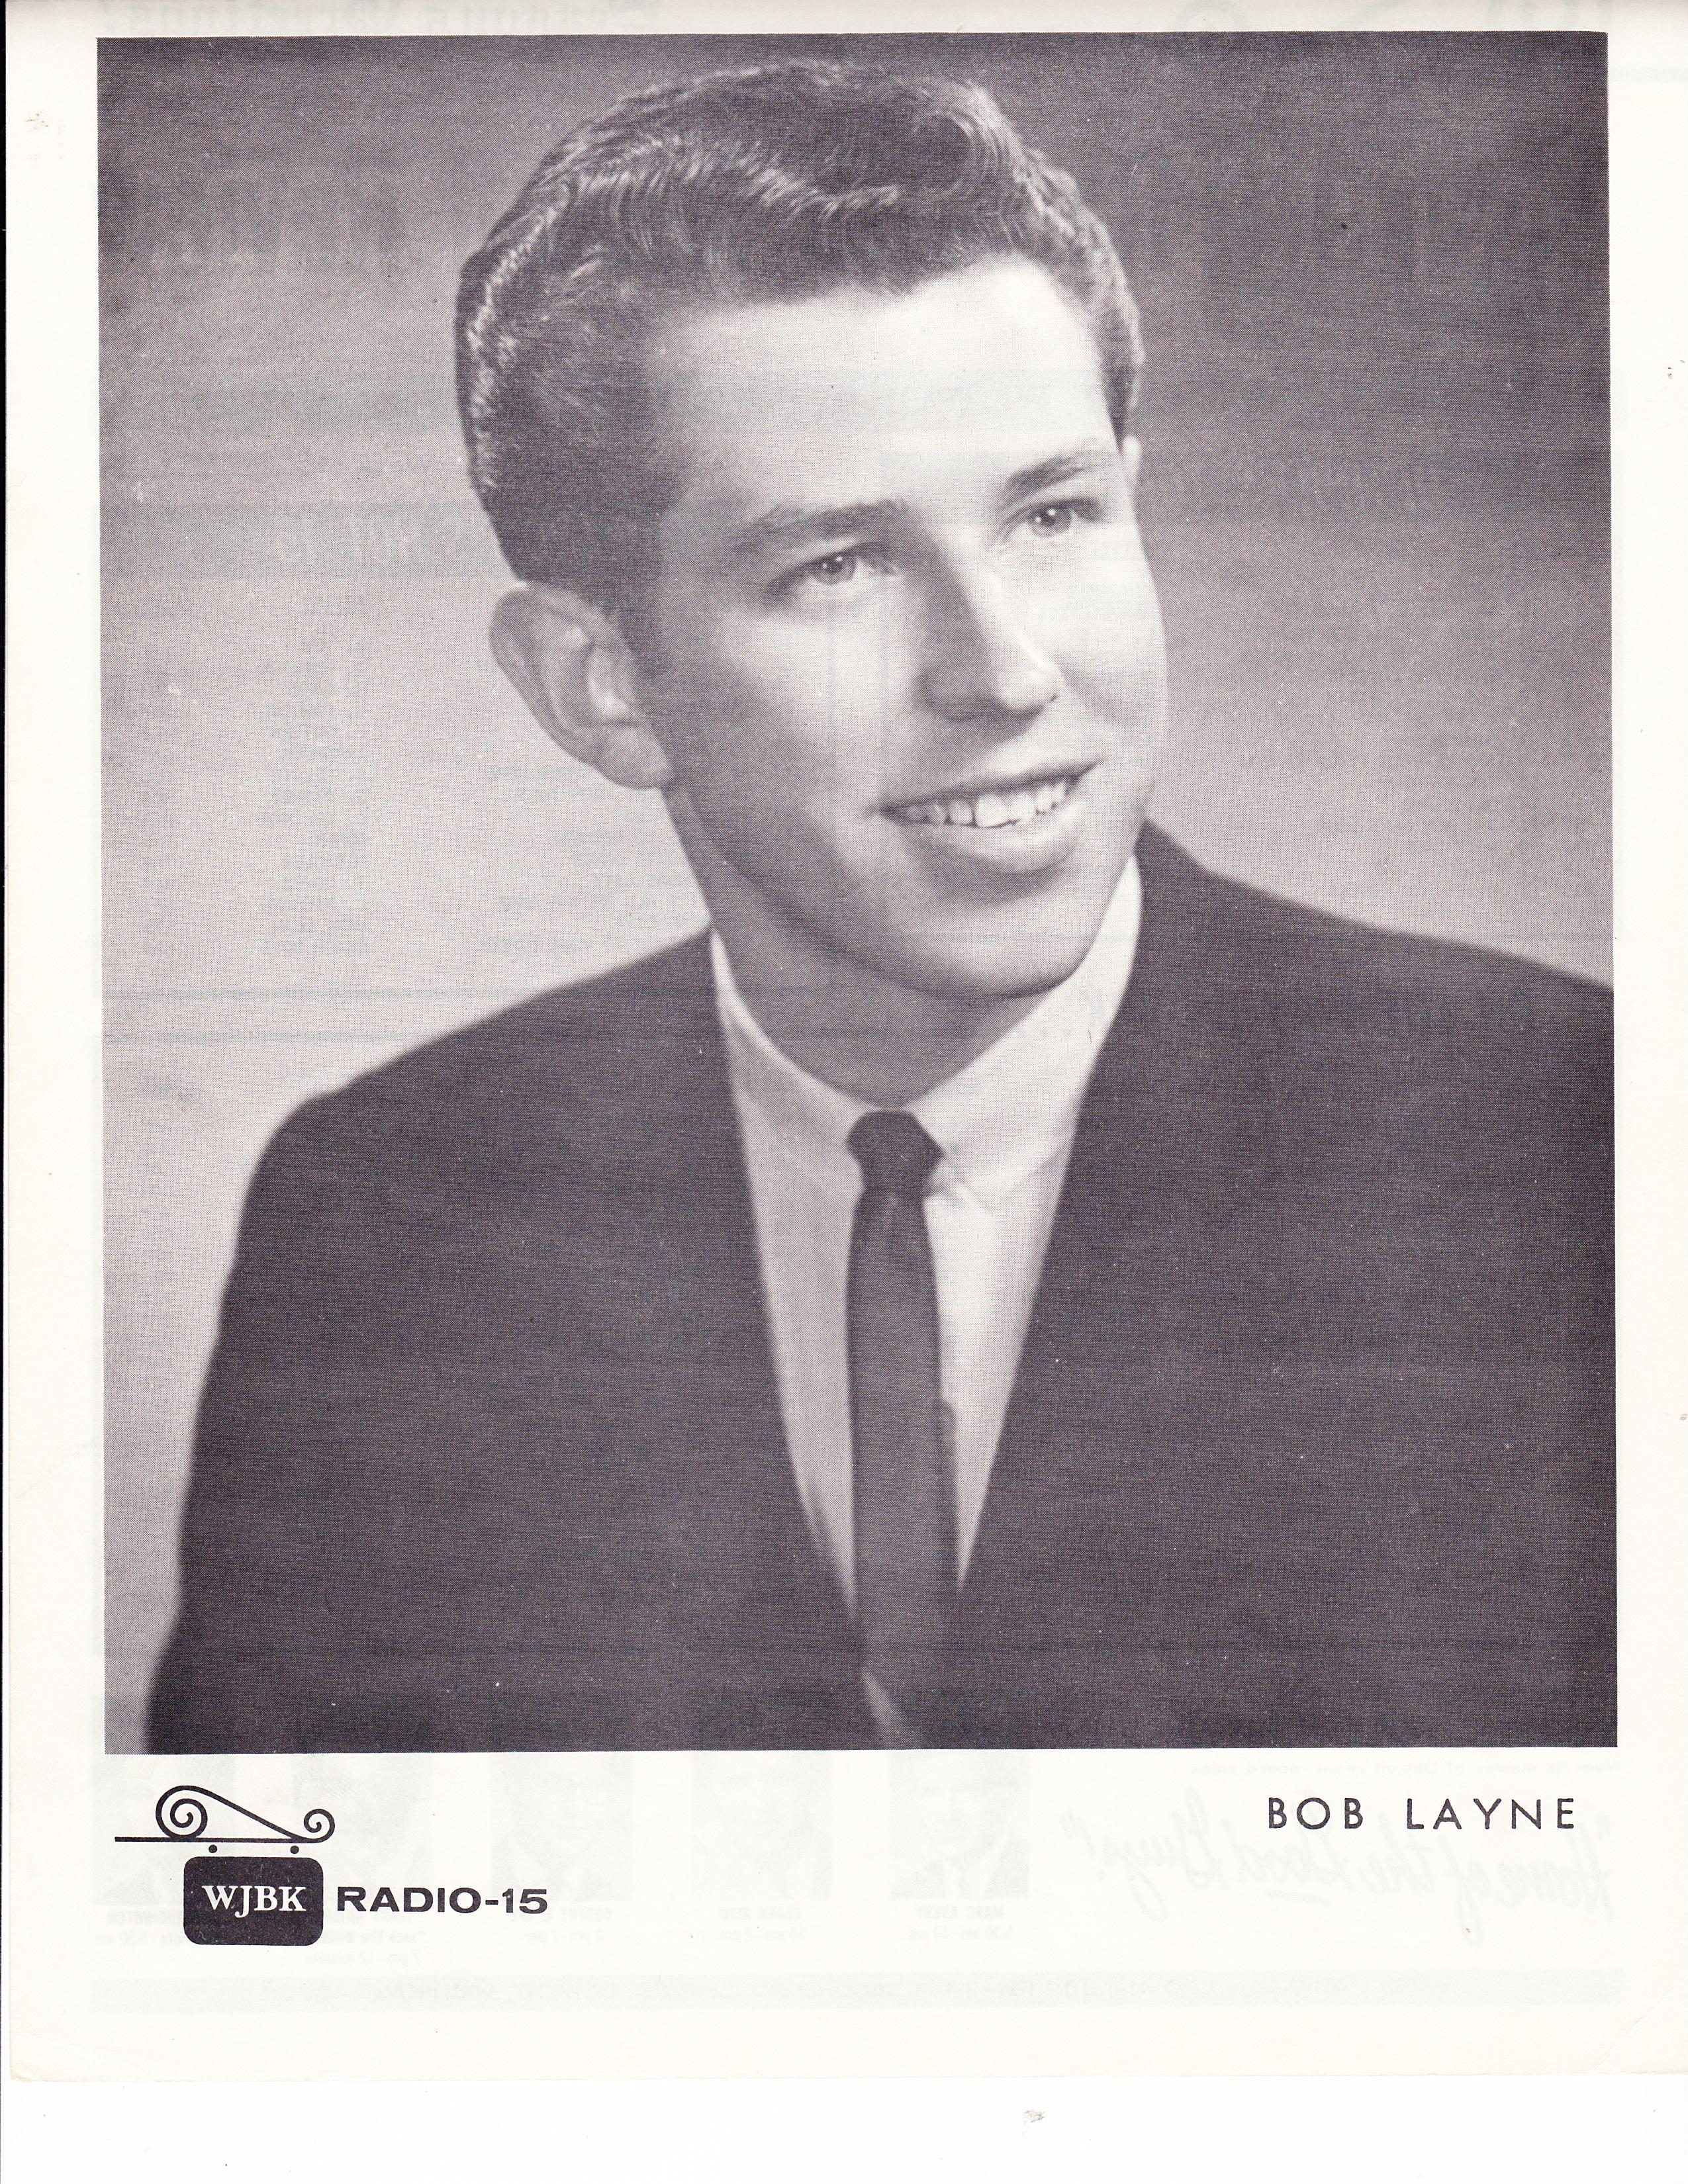 WJBK-BOB-LAYNE-DECEMBER-6-1963-BACK